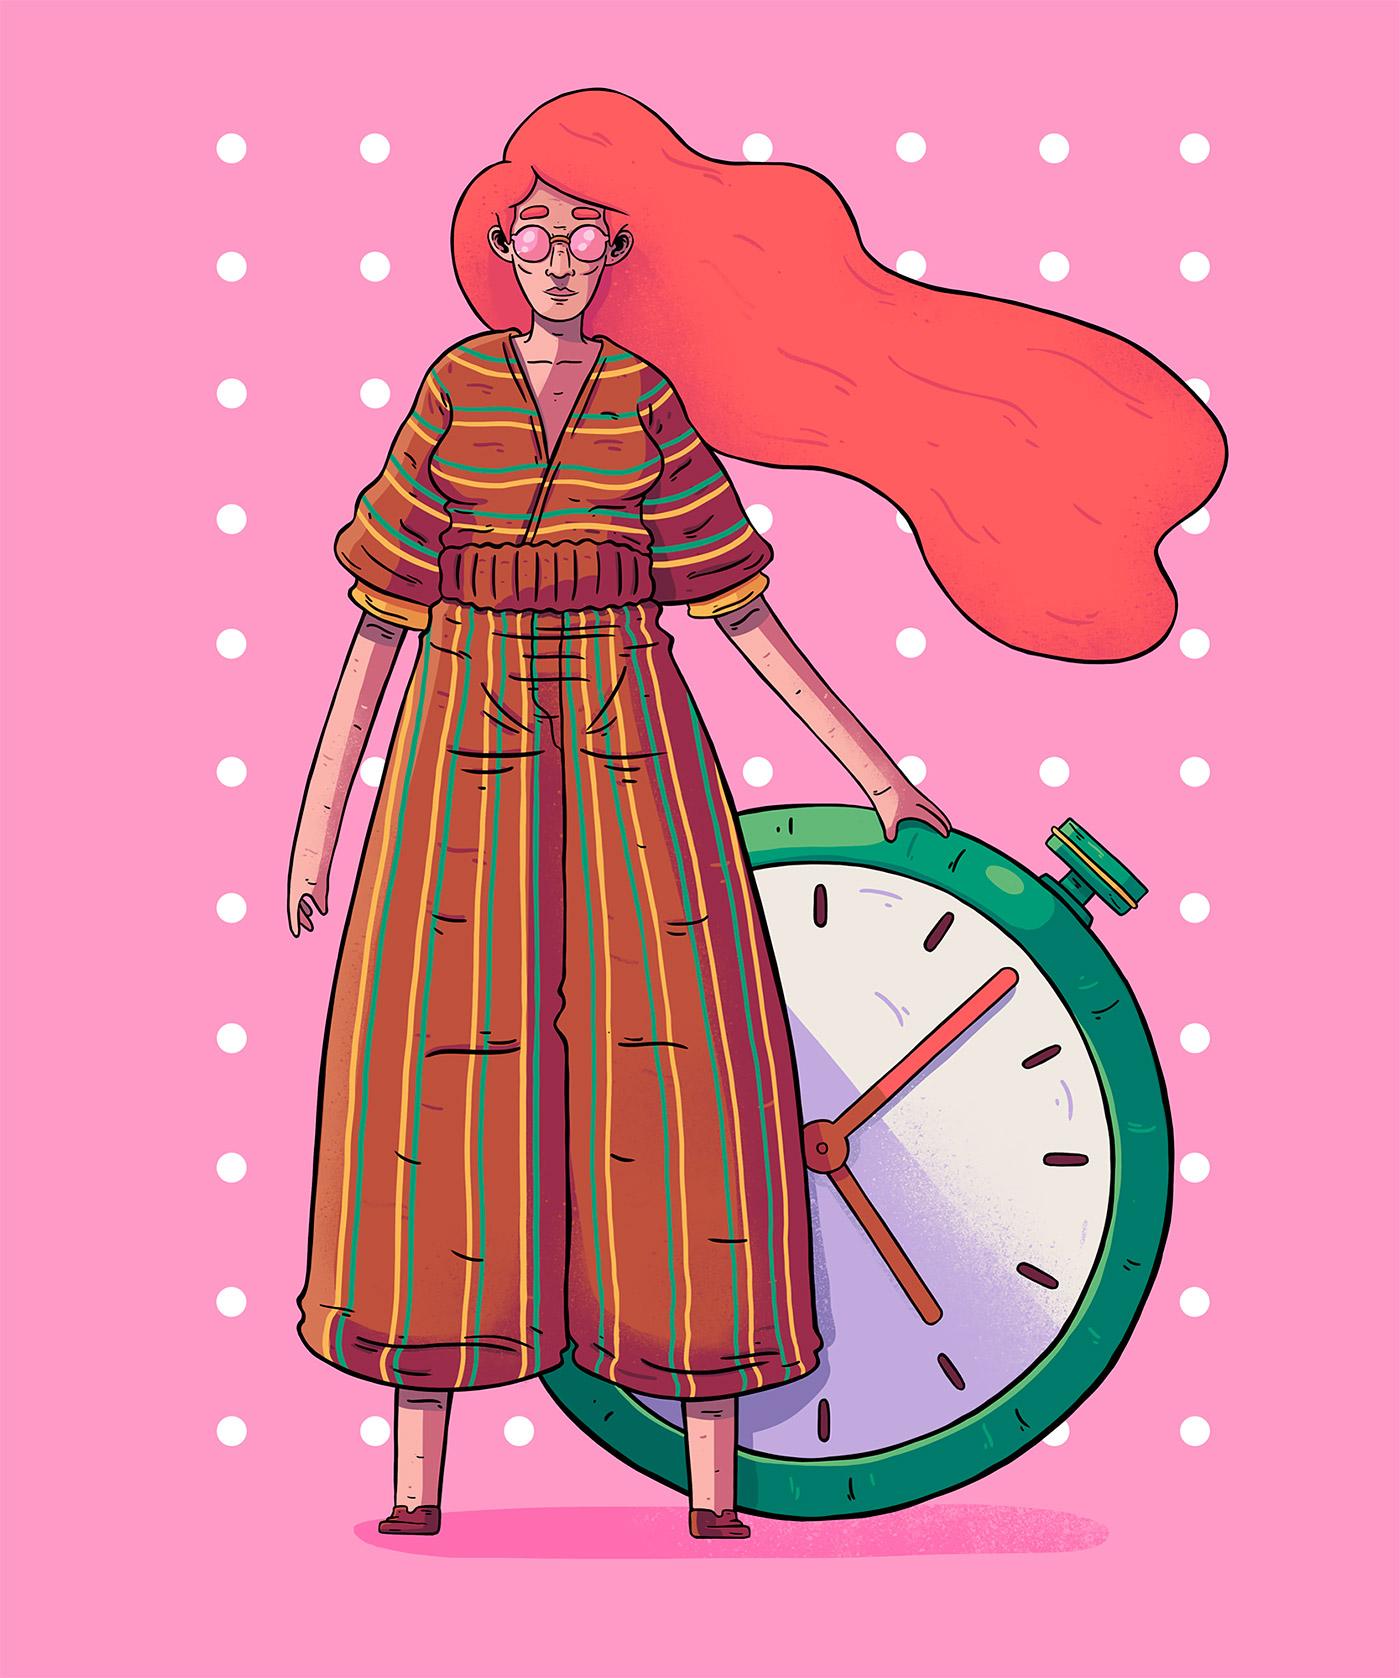 illustration-lucas-wakamatsu-03.jpg